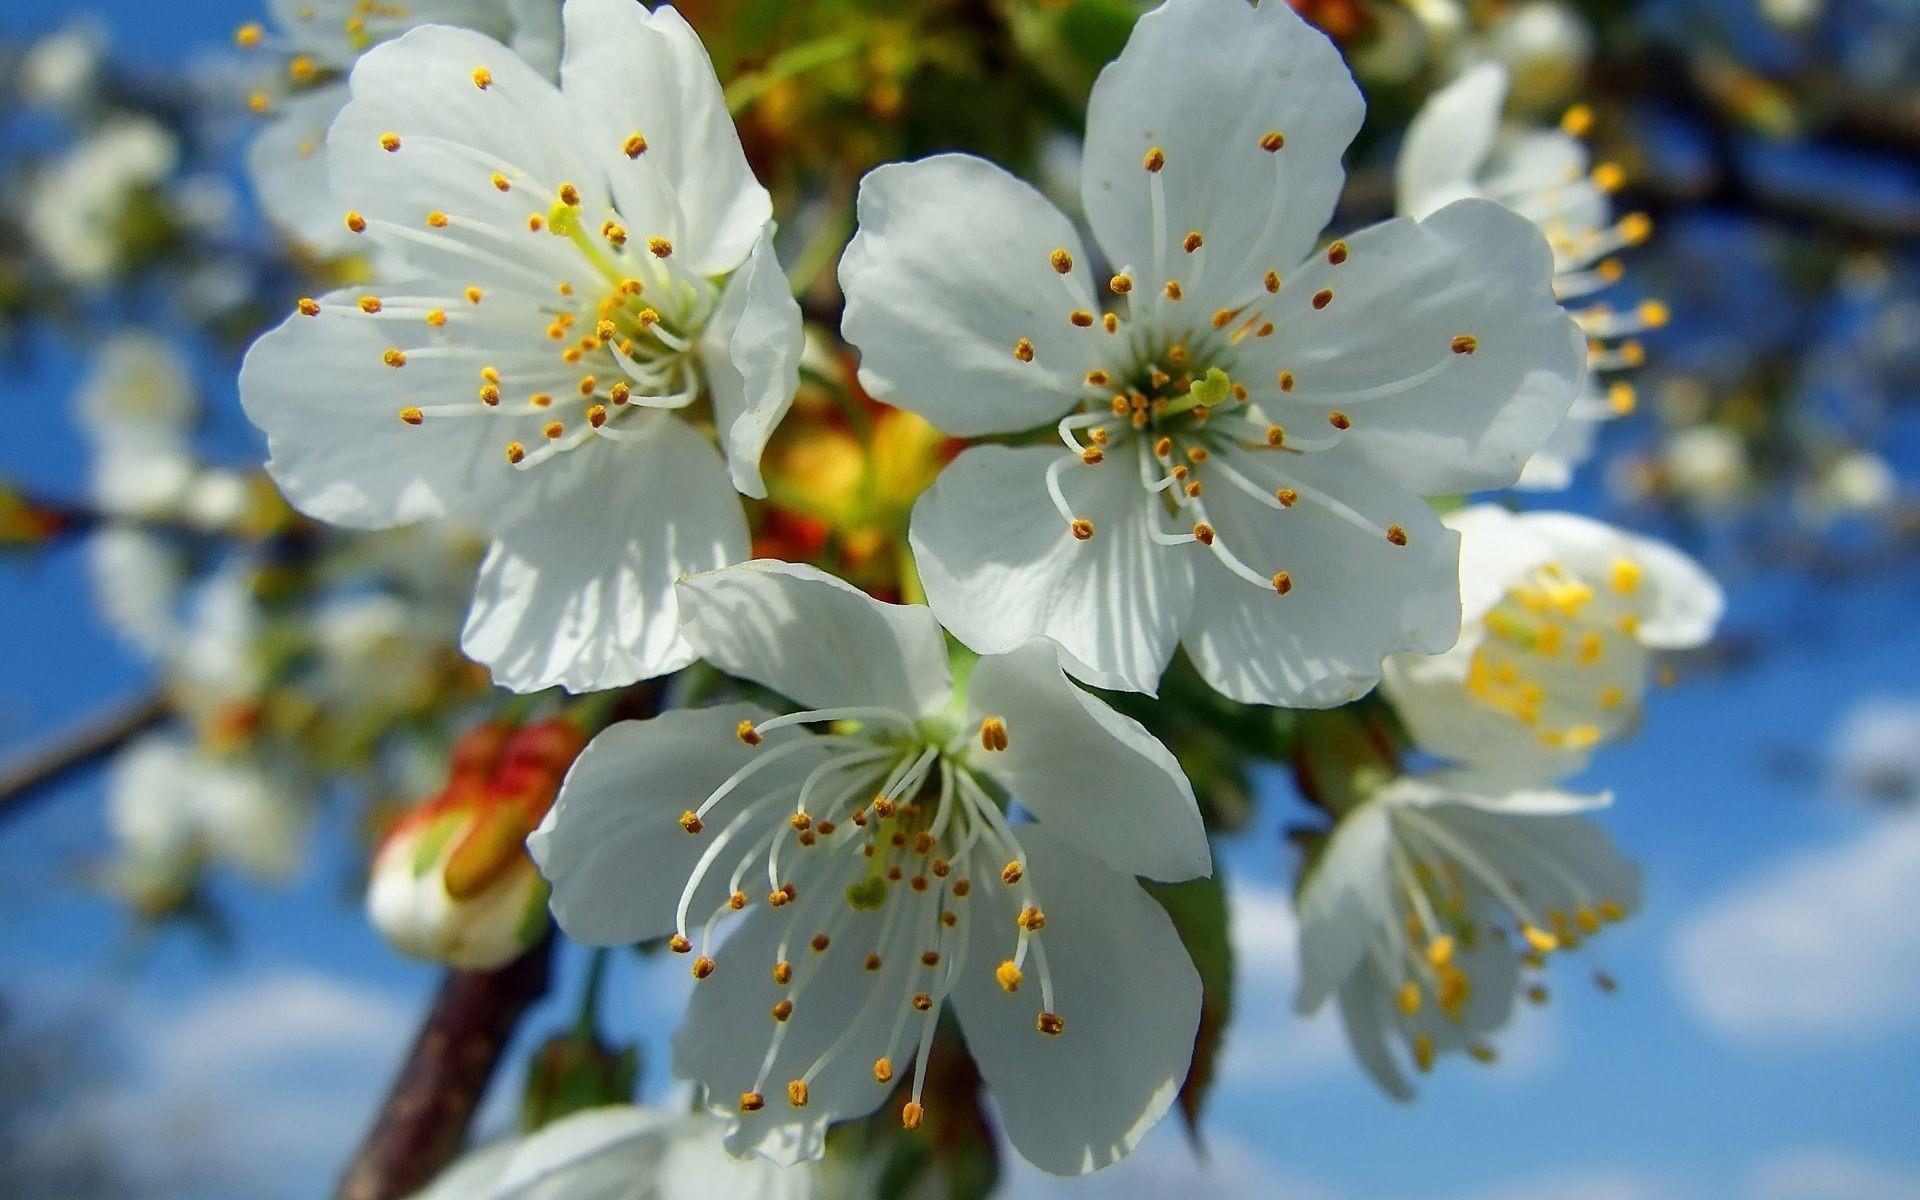 картинки весна апрель на рабочий стол была возможность